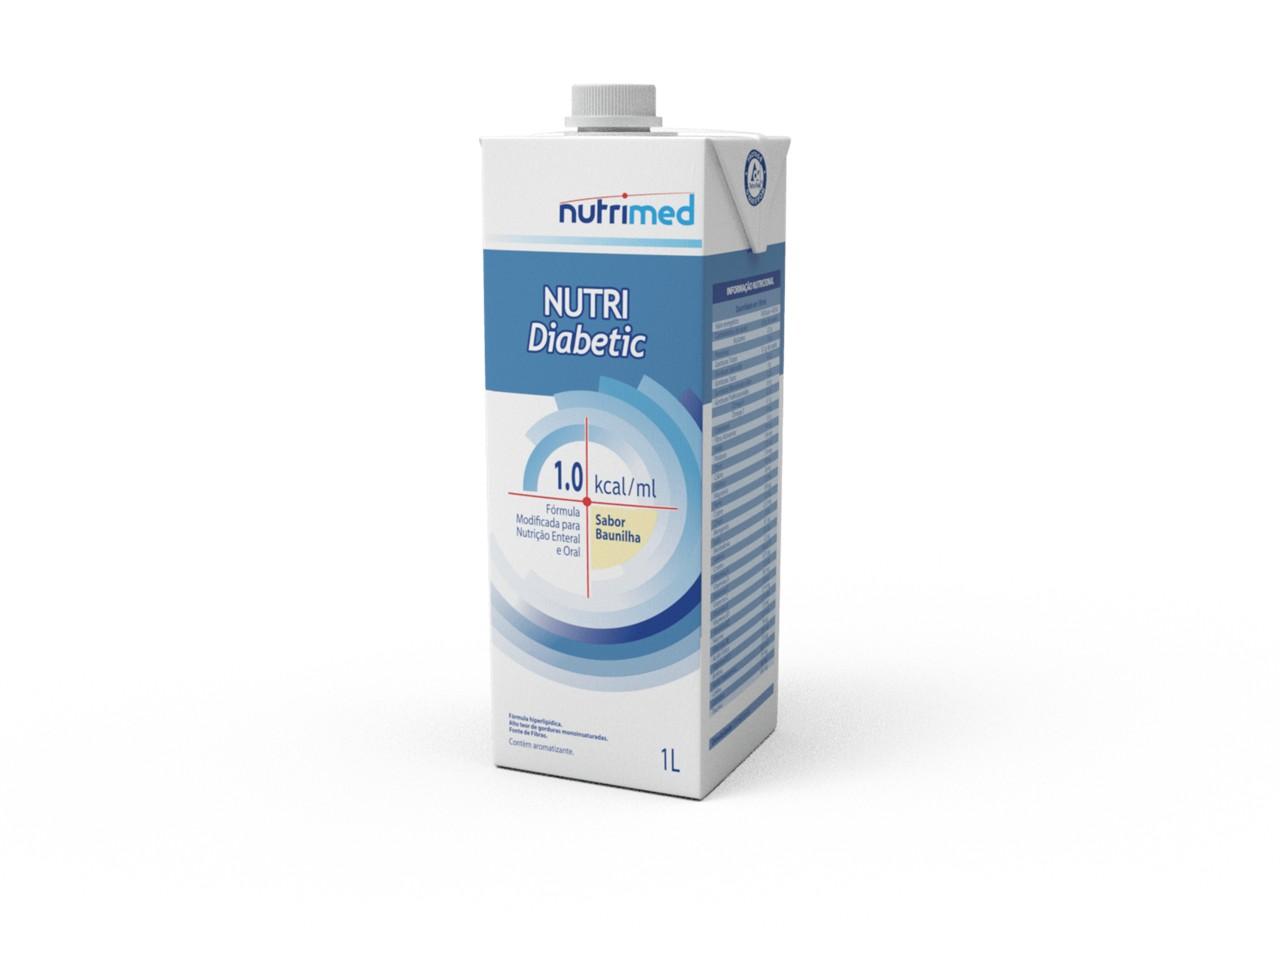 10--NUTRI DIABETIC 1.0.png